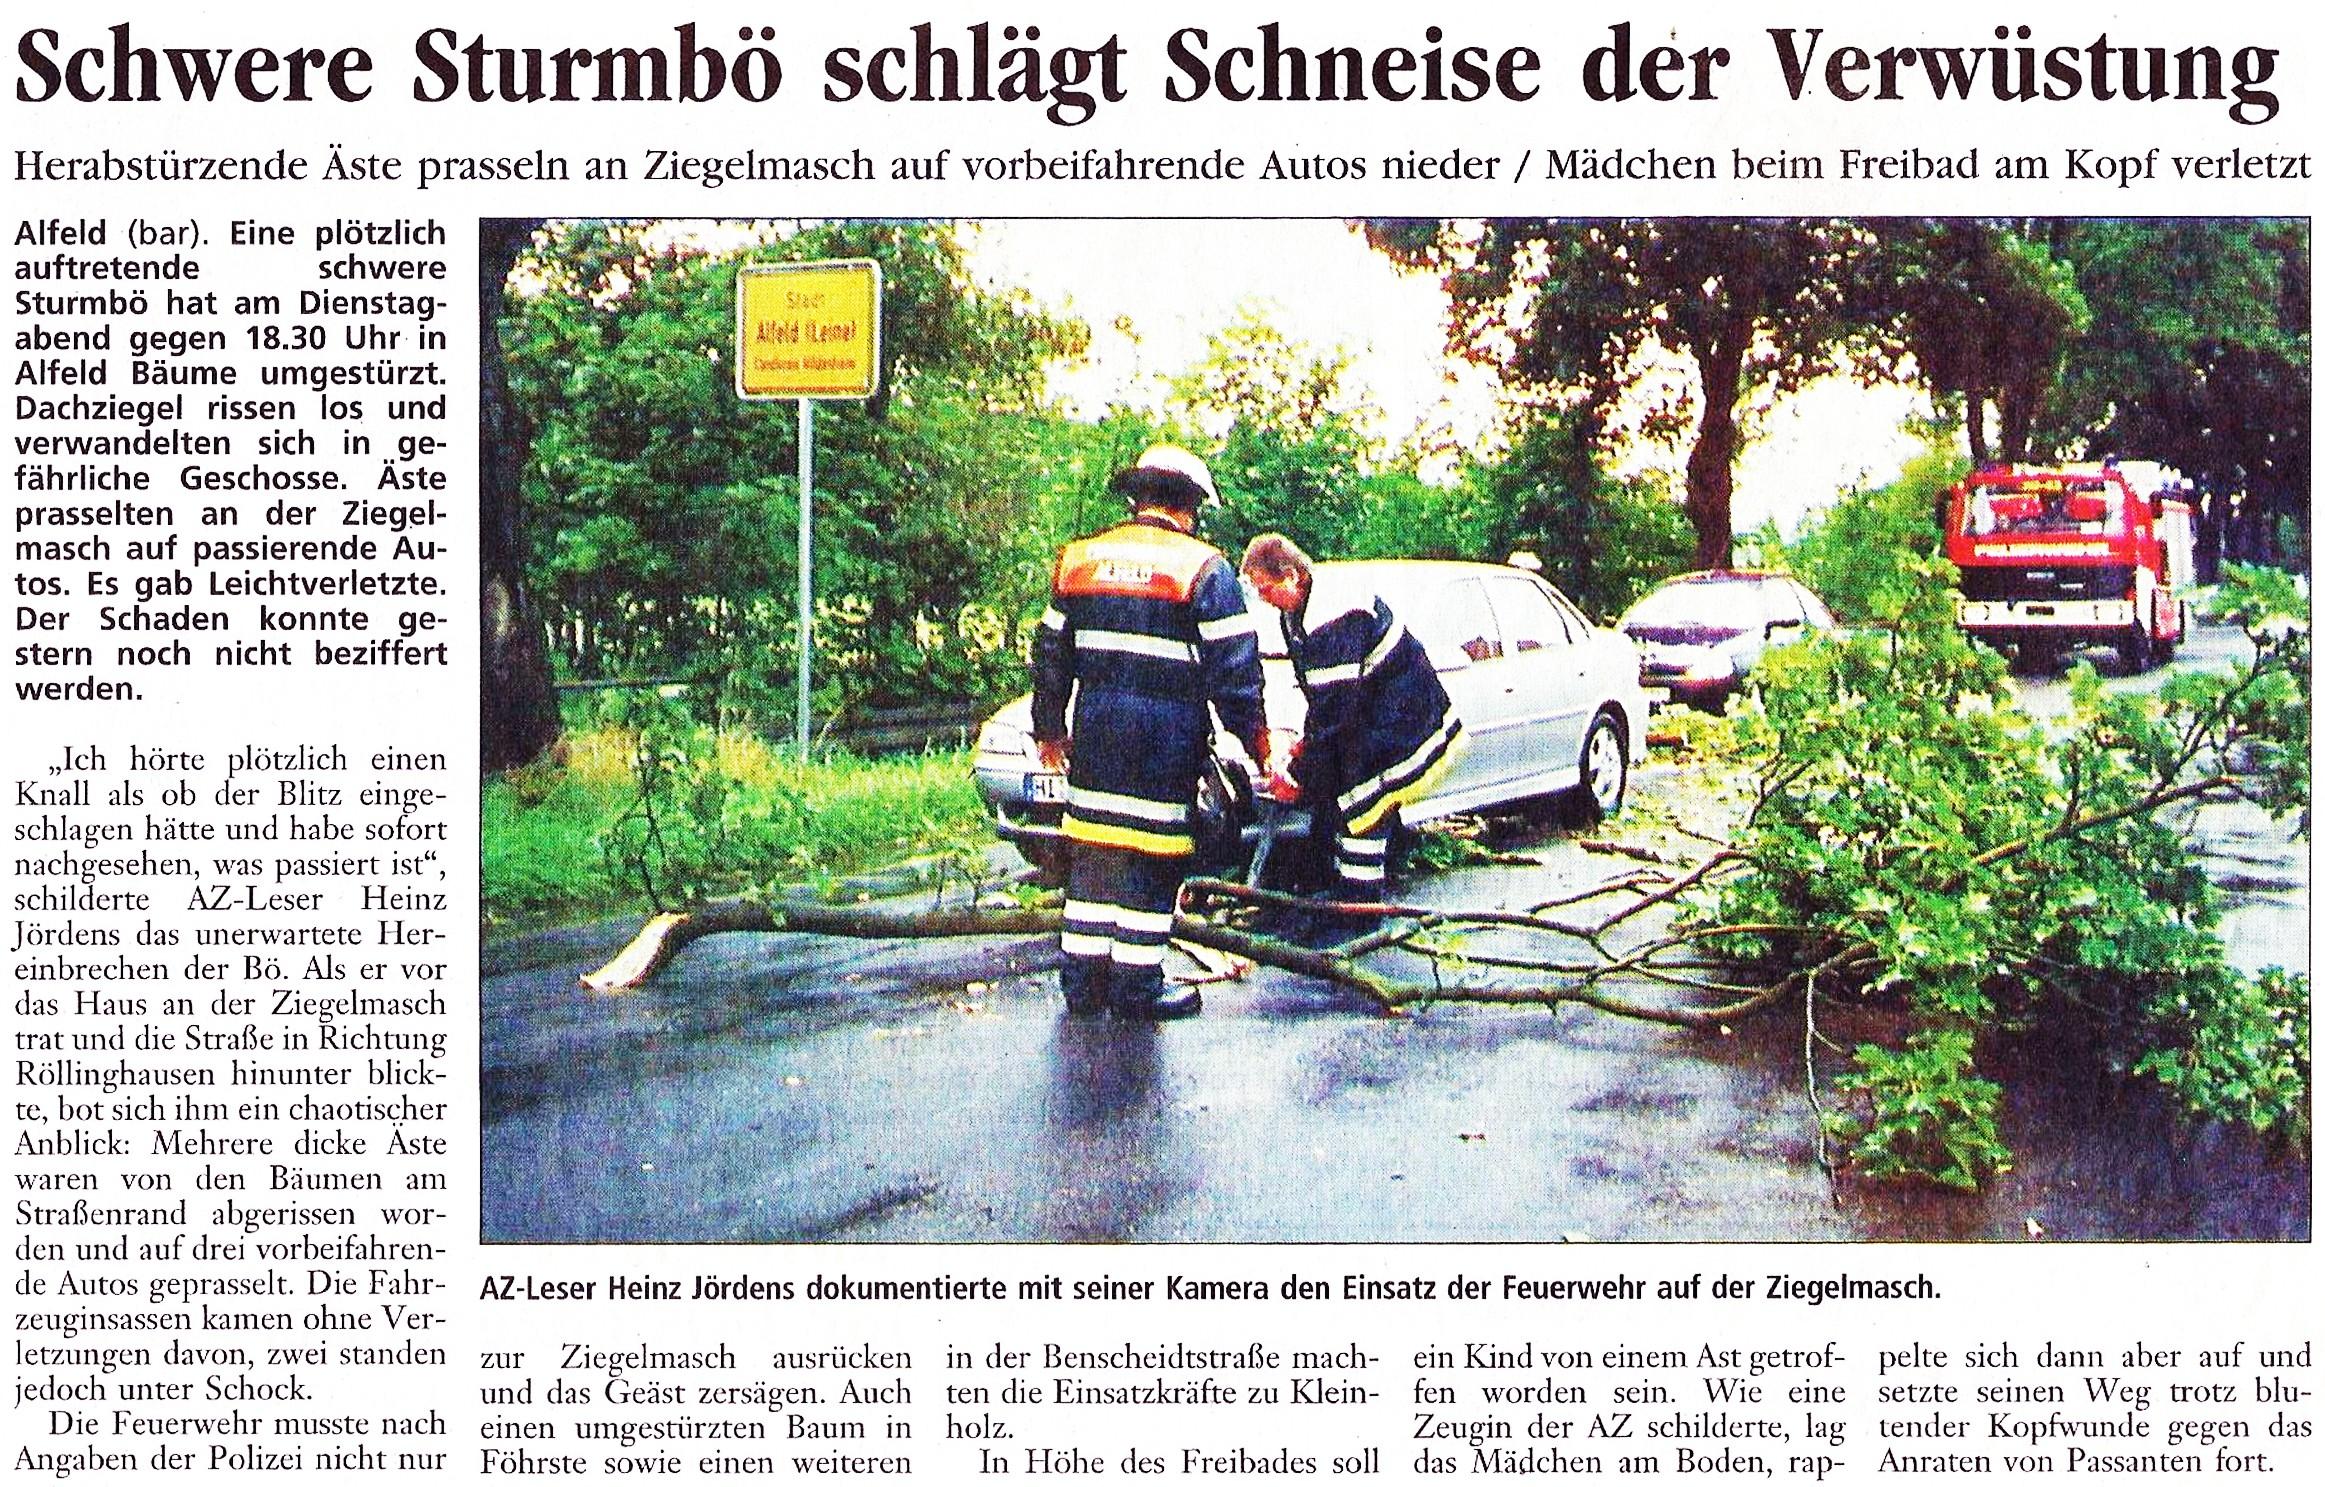 2002-08-22 Schwere Sturmbö schlägt Schneise der Verwüstung